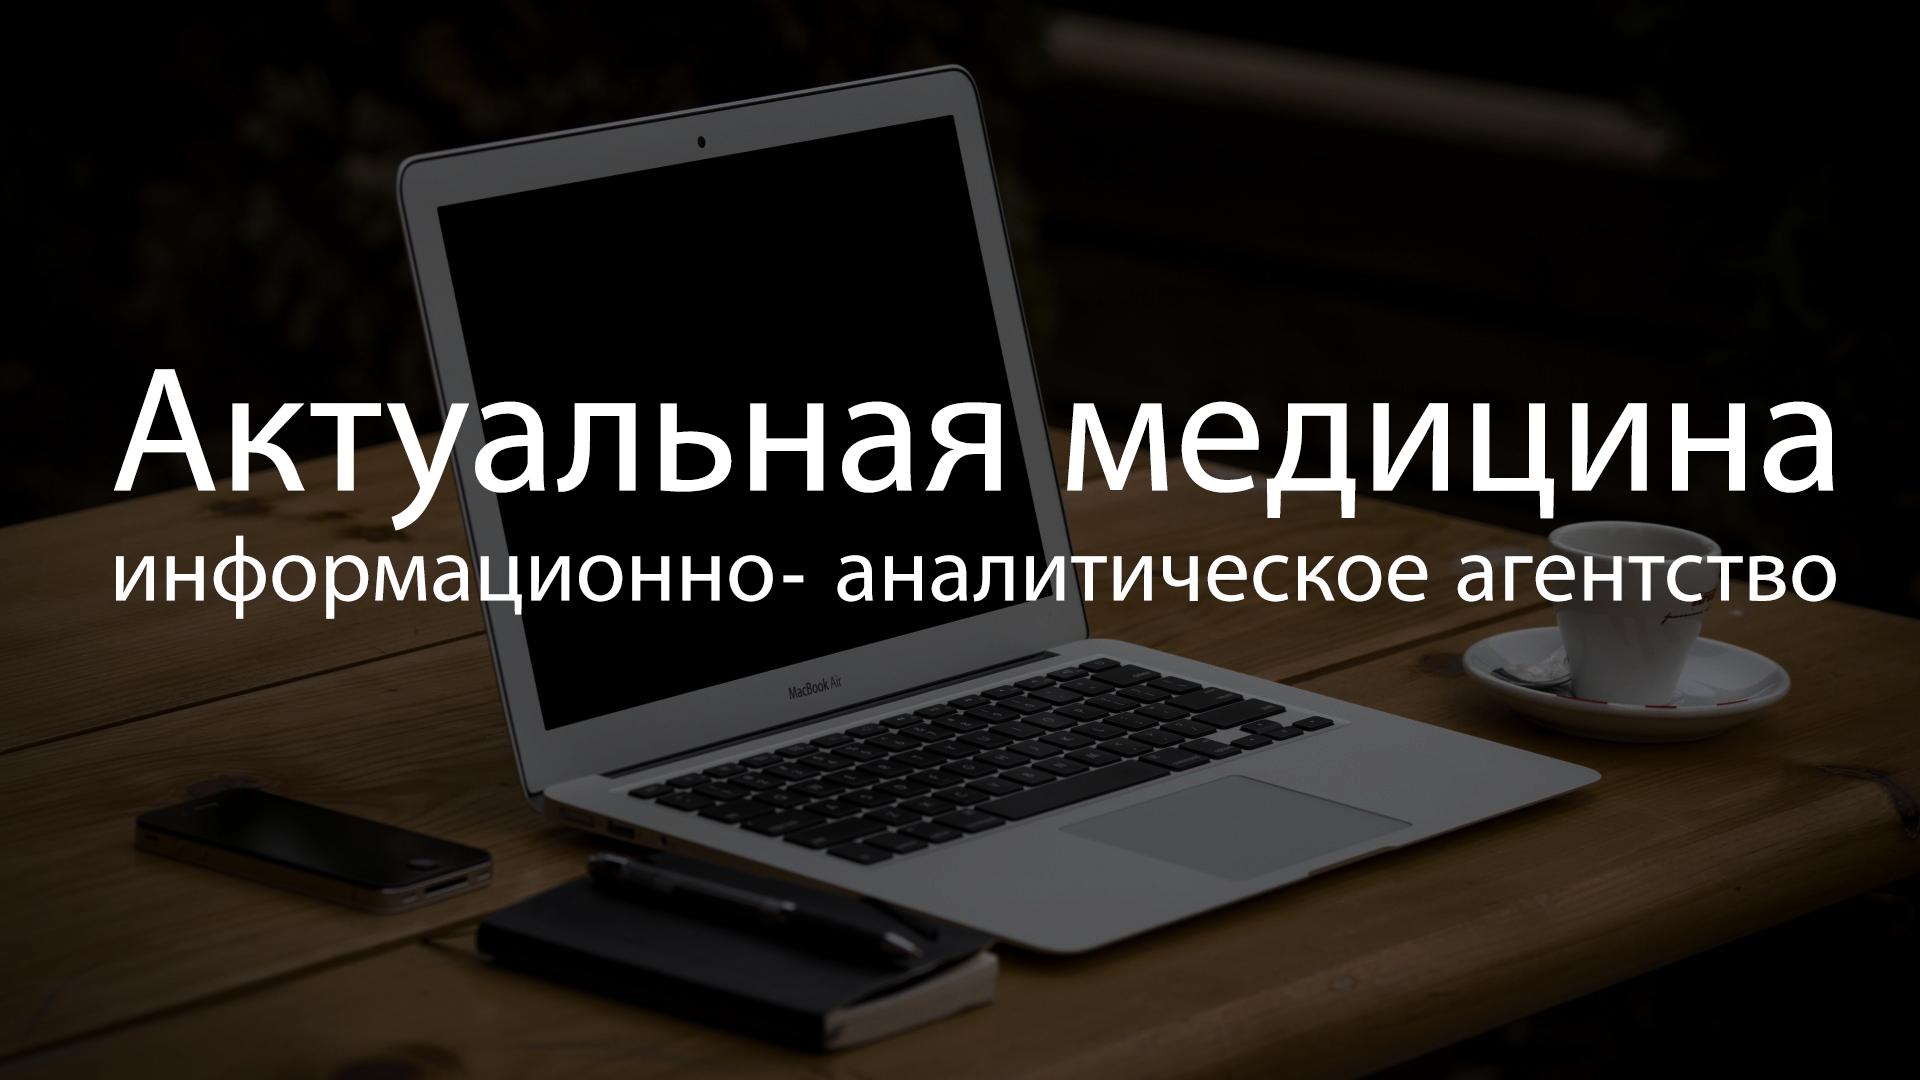 lektoriy-2-01-e1484405004245.jpg